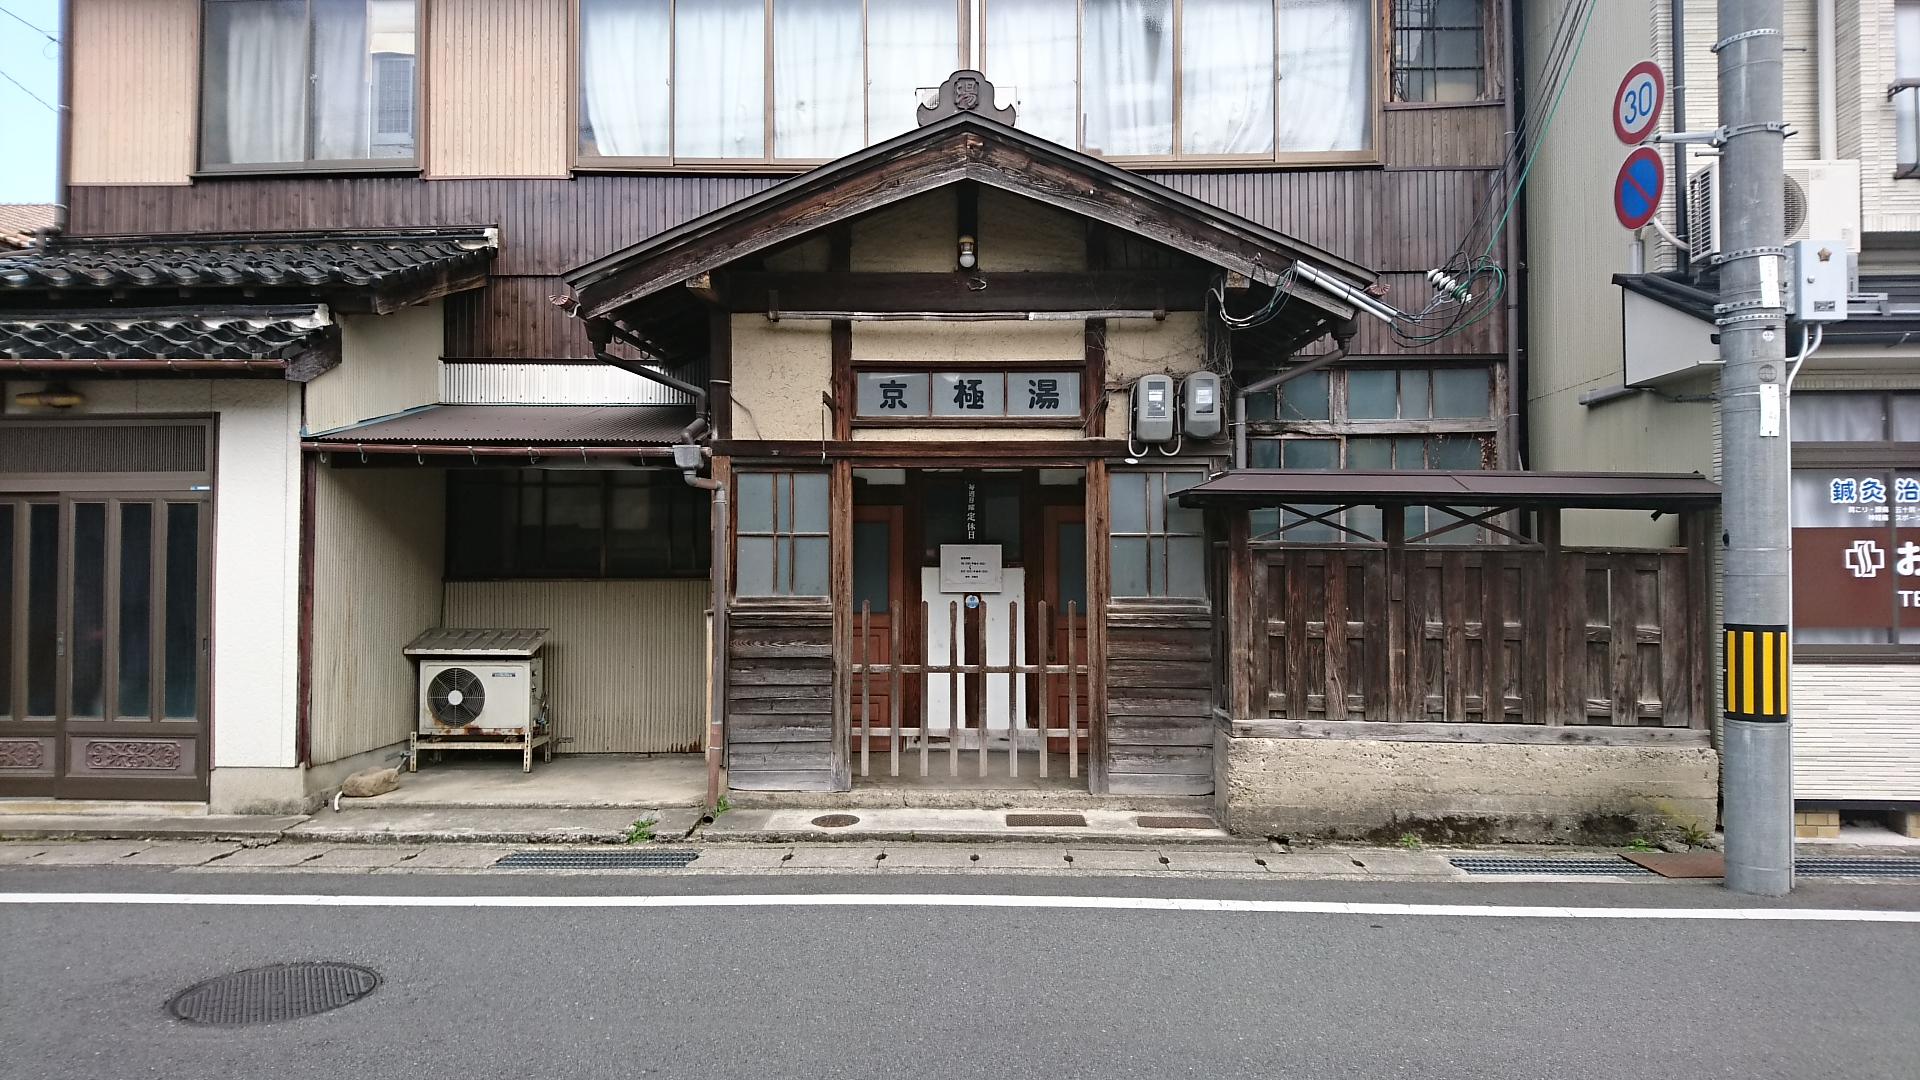 2017.6.3 豊岡 (90) 京極湯 1920-1080